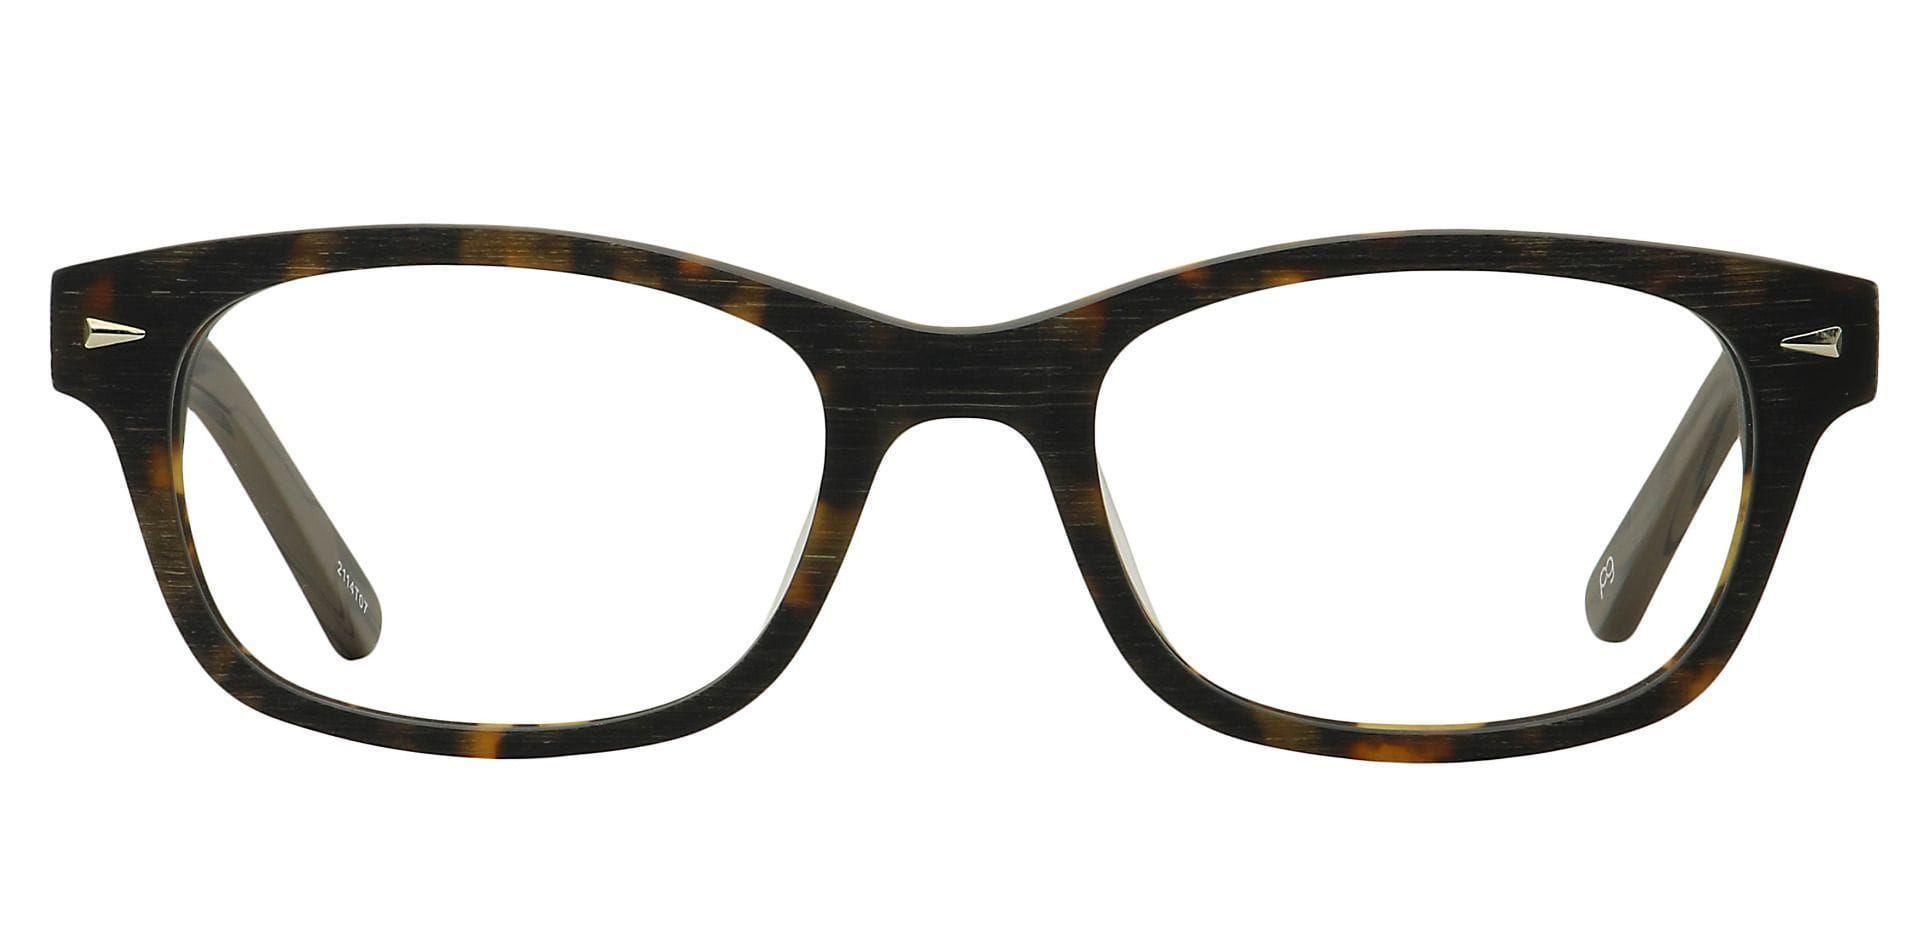 Timbre Rectangle Blue Light Blocking Glasses - Tortoise